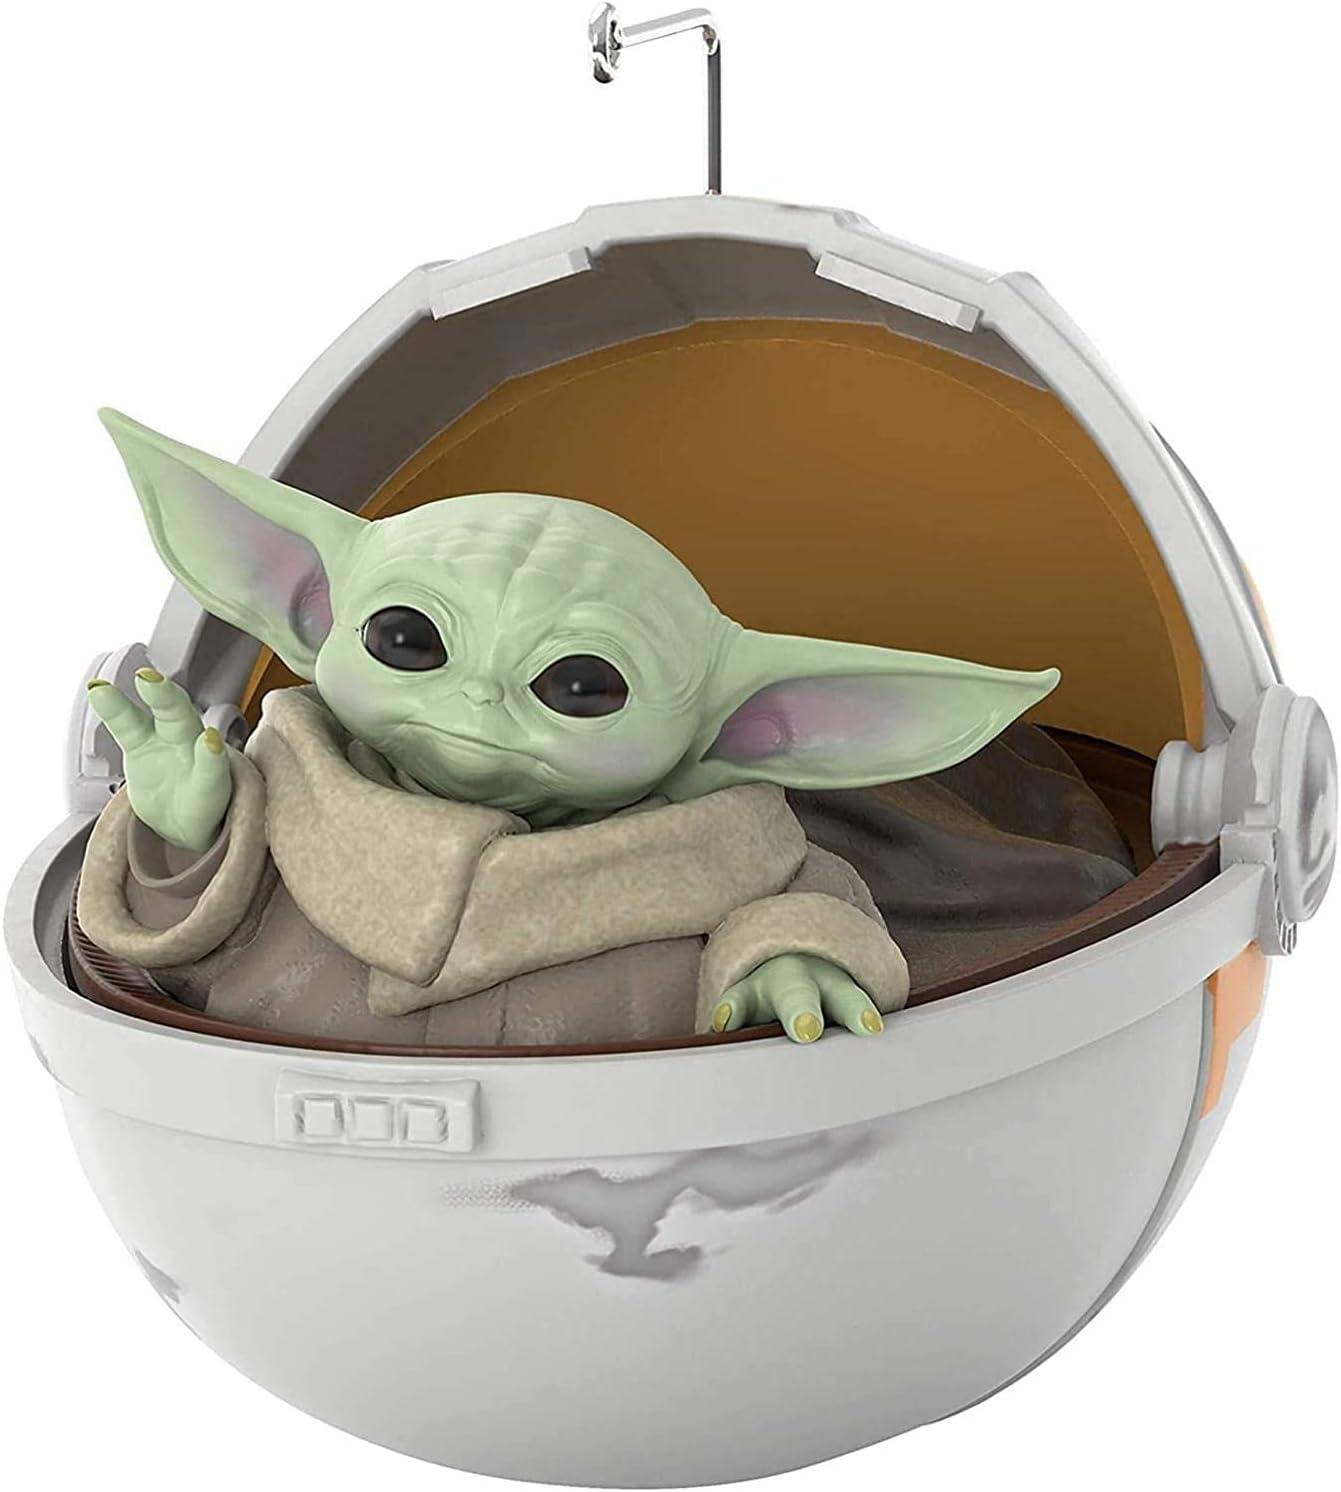 kaige Star Wars The Mandalorian Baby Yoda 3D Árbol de Navidad Decoración Ornamento Decoracion Regalos Preciosos Resina Decoracion Regalos para Niños Niños Niñas Juventud